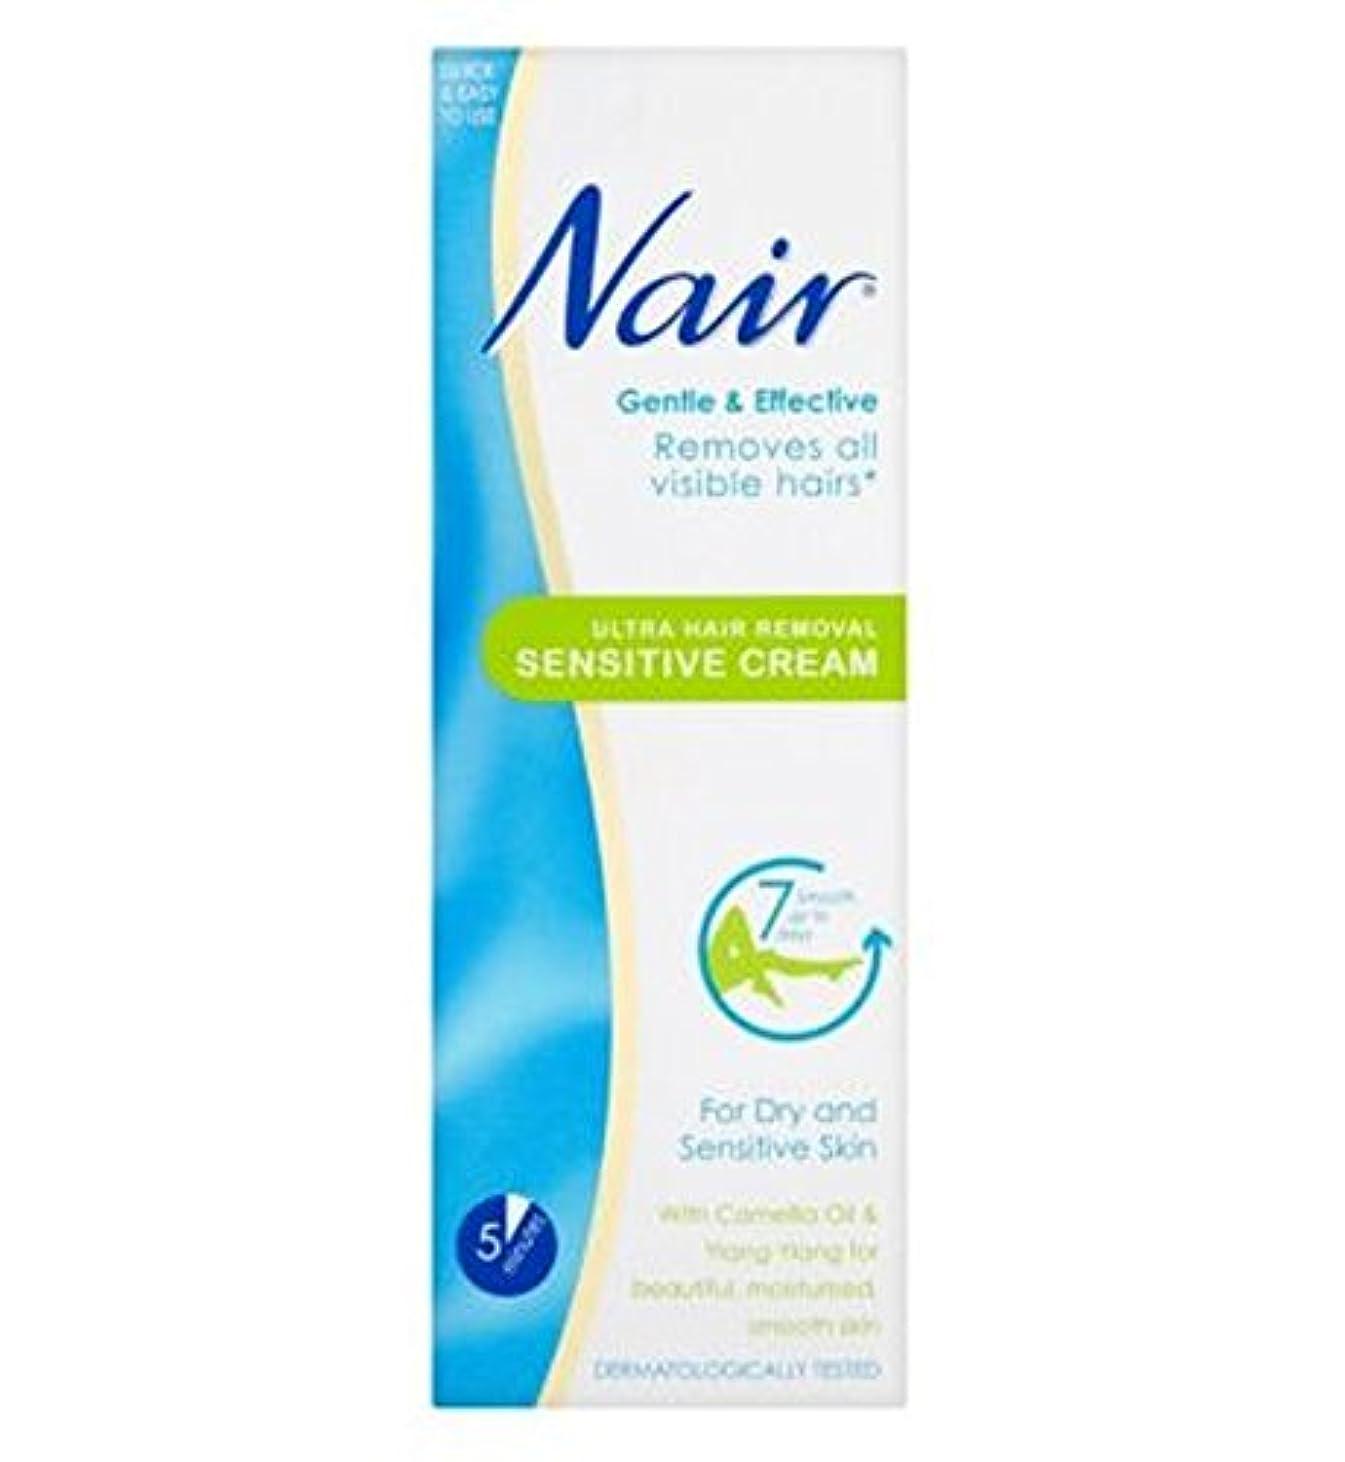 キロメートル食べる近傍Nair Sensitive Hair Removal Cream 200ml - Nairさん敏感な脱毛クリーム200ミリリットル (Nair) [並行輸入品]